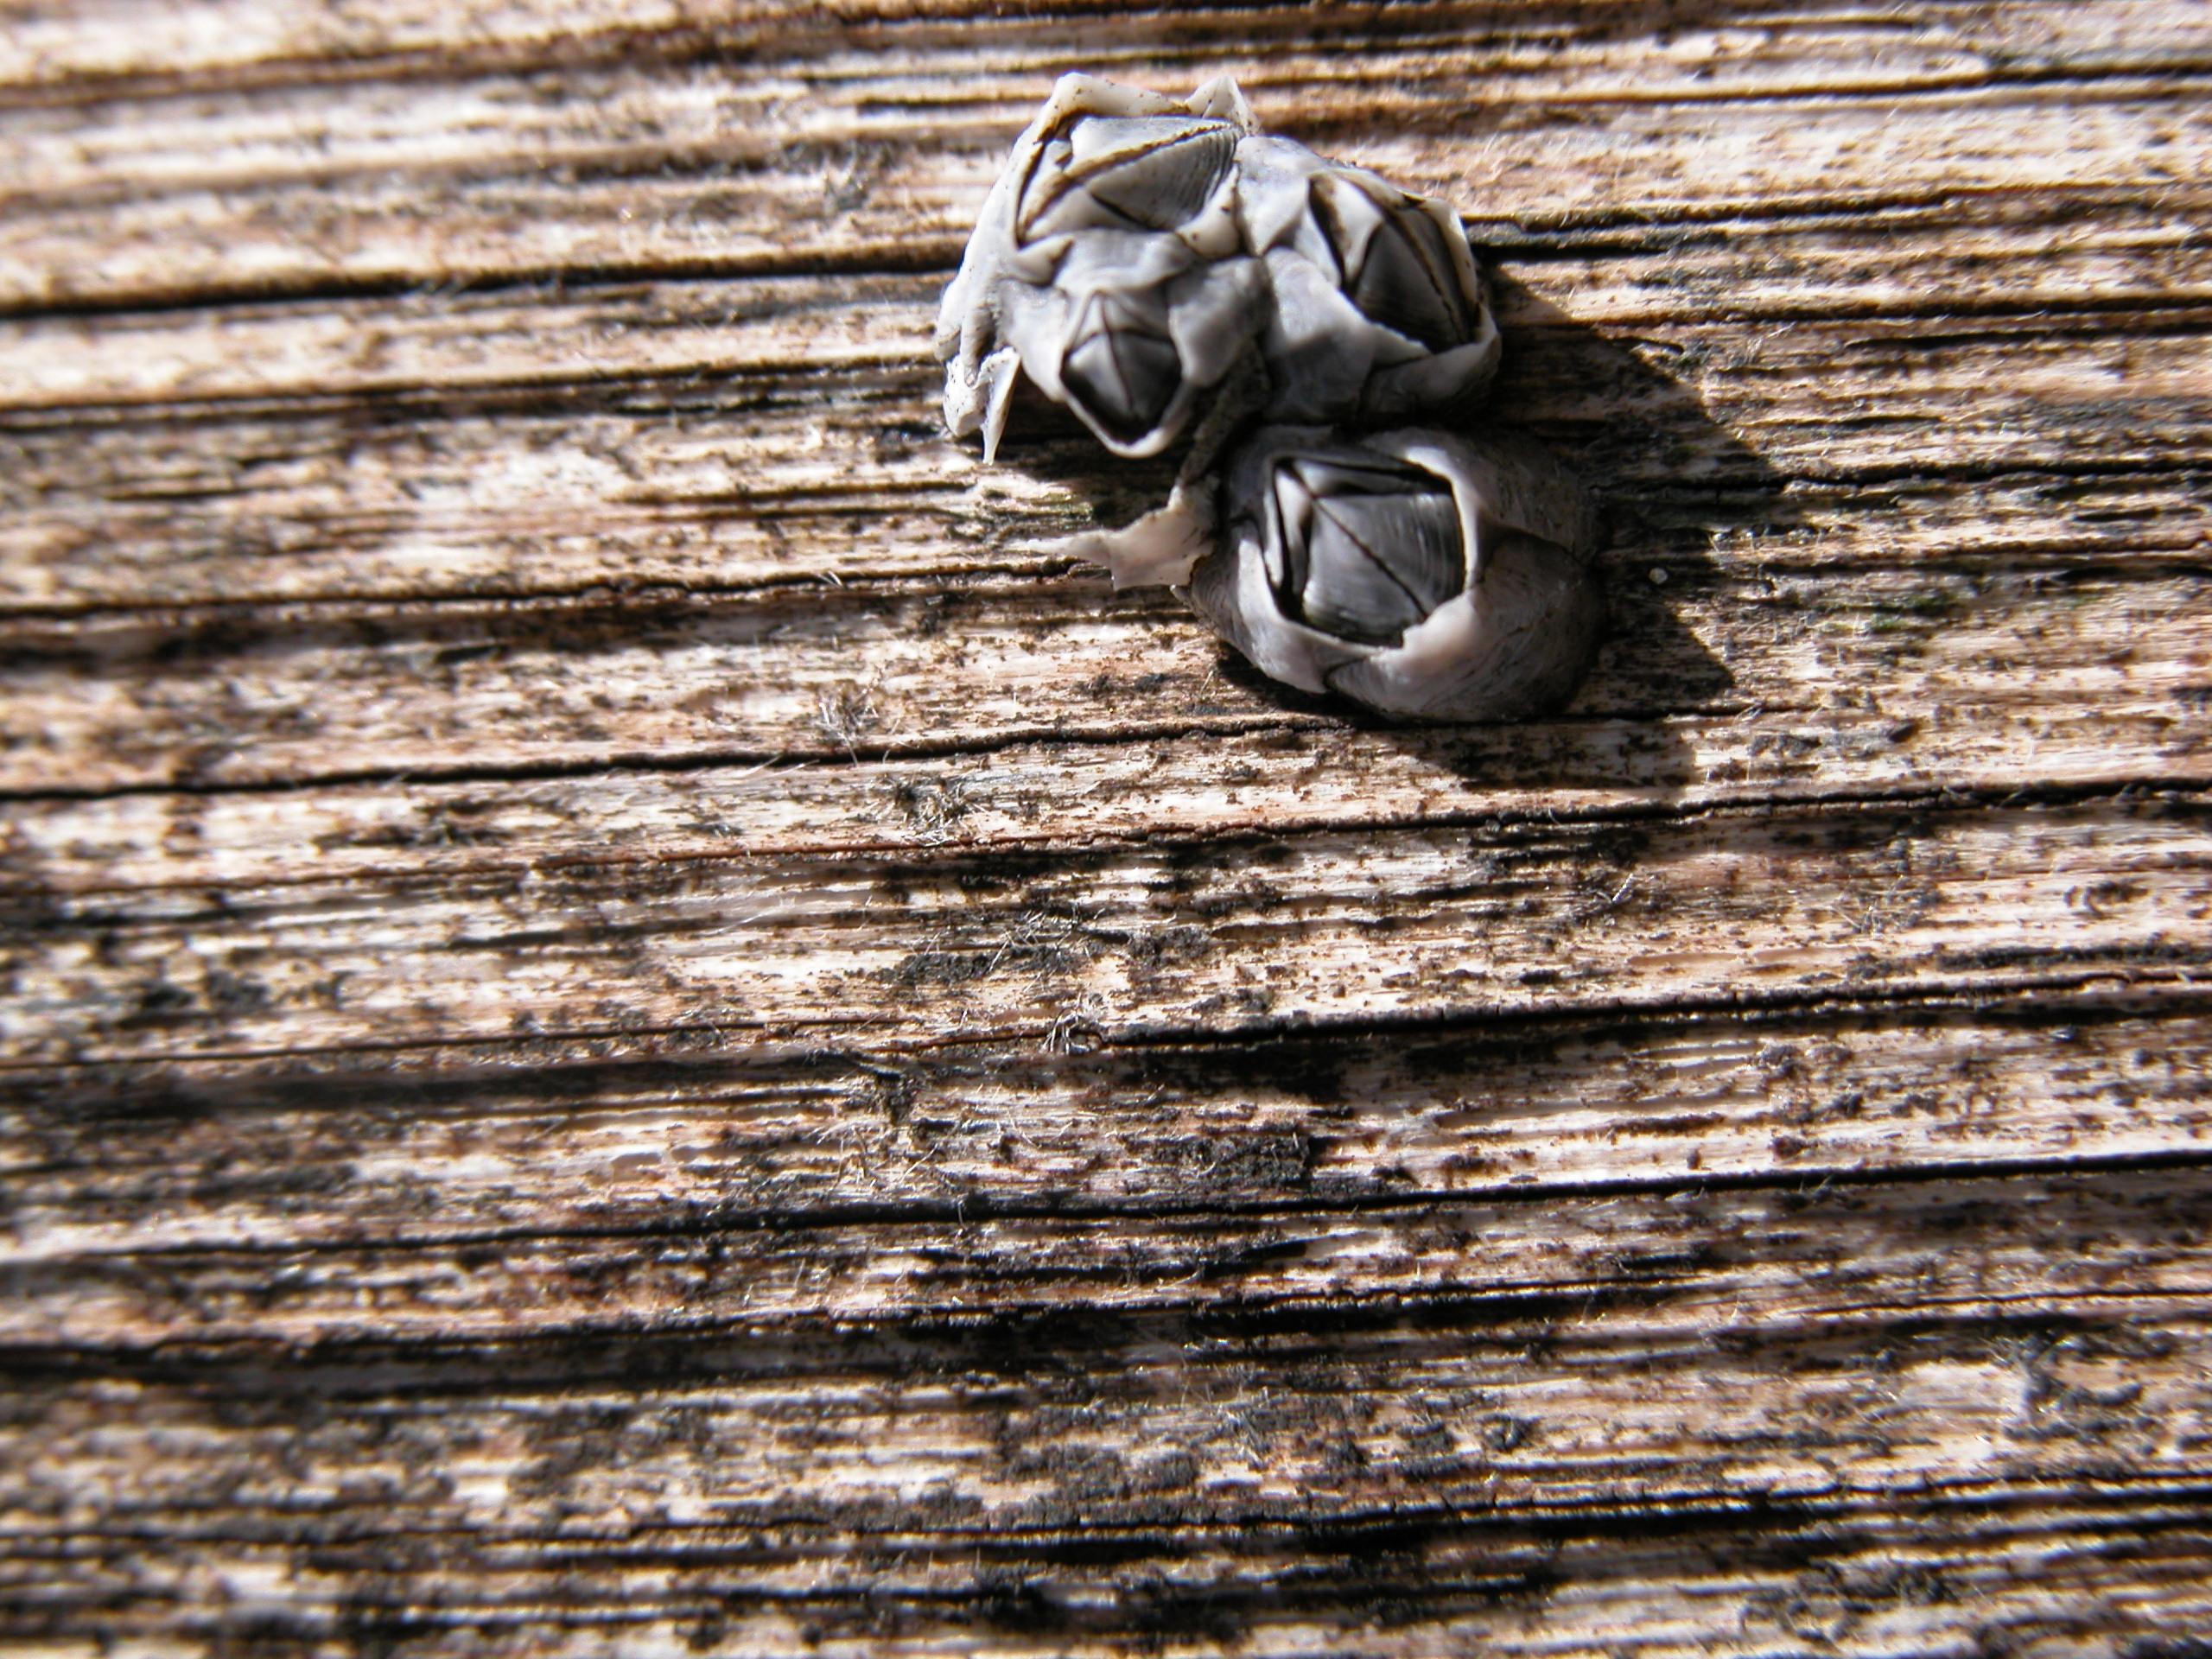 seapocks sea pocks on wood